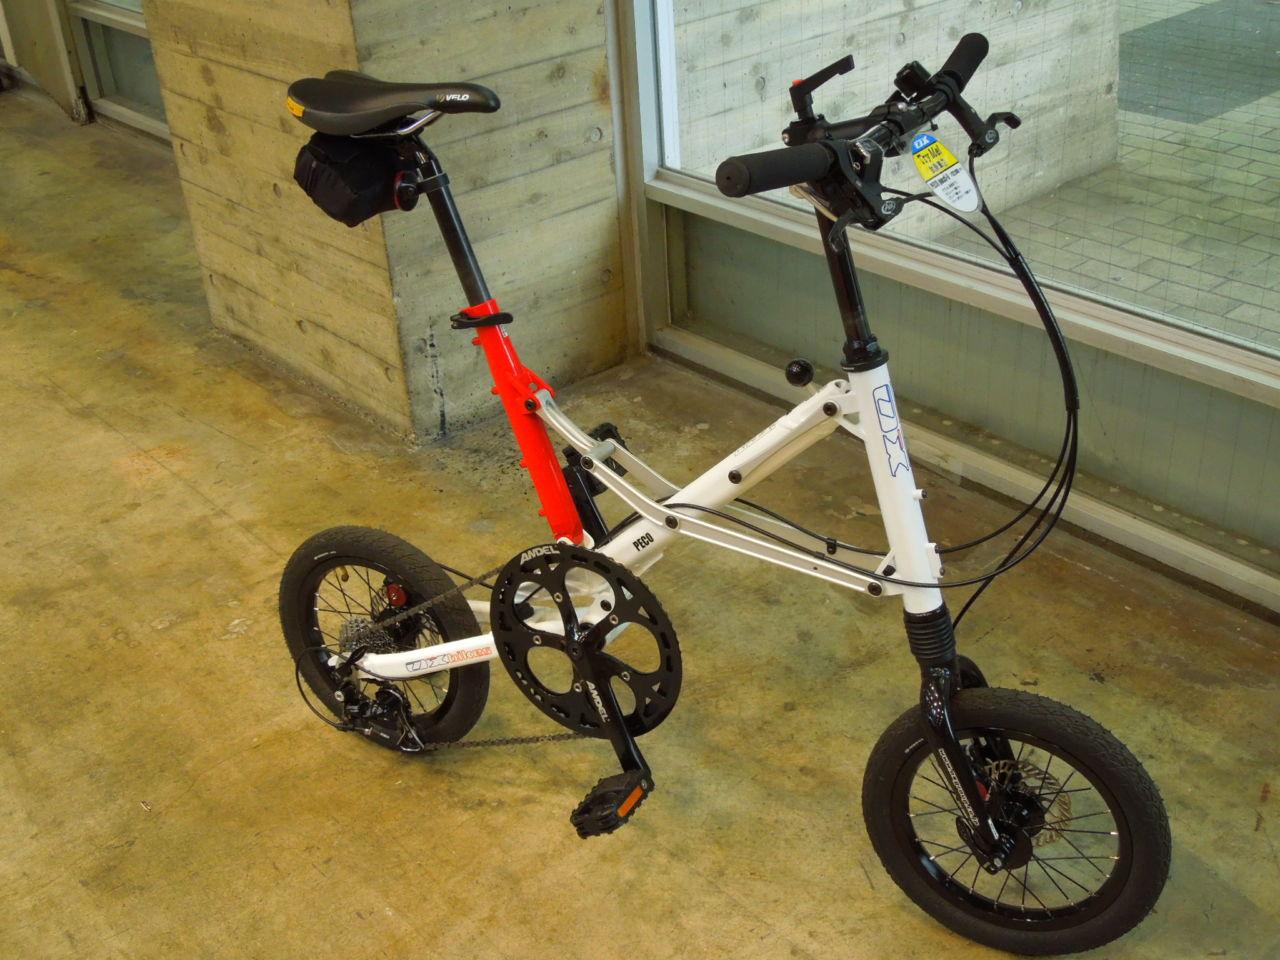 速すぎる超小径折りたたみ自転車 OX Bike Peco pocchi-9s